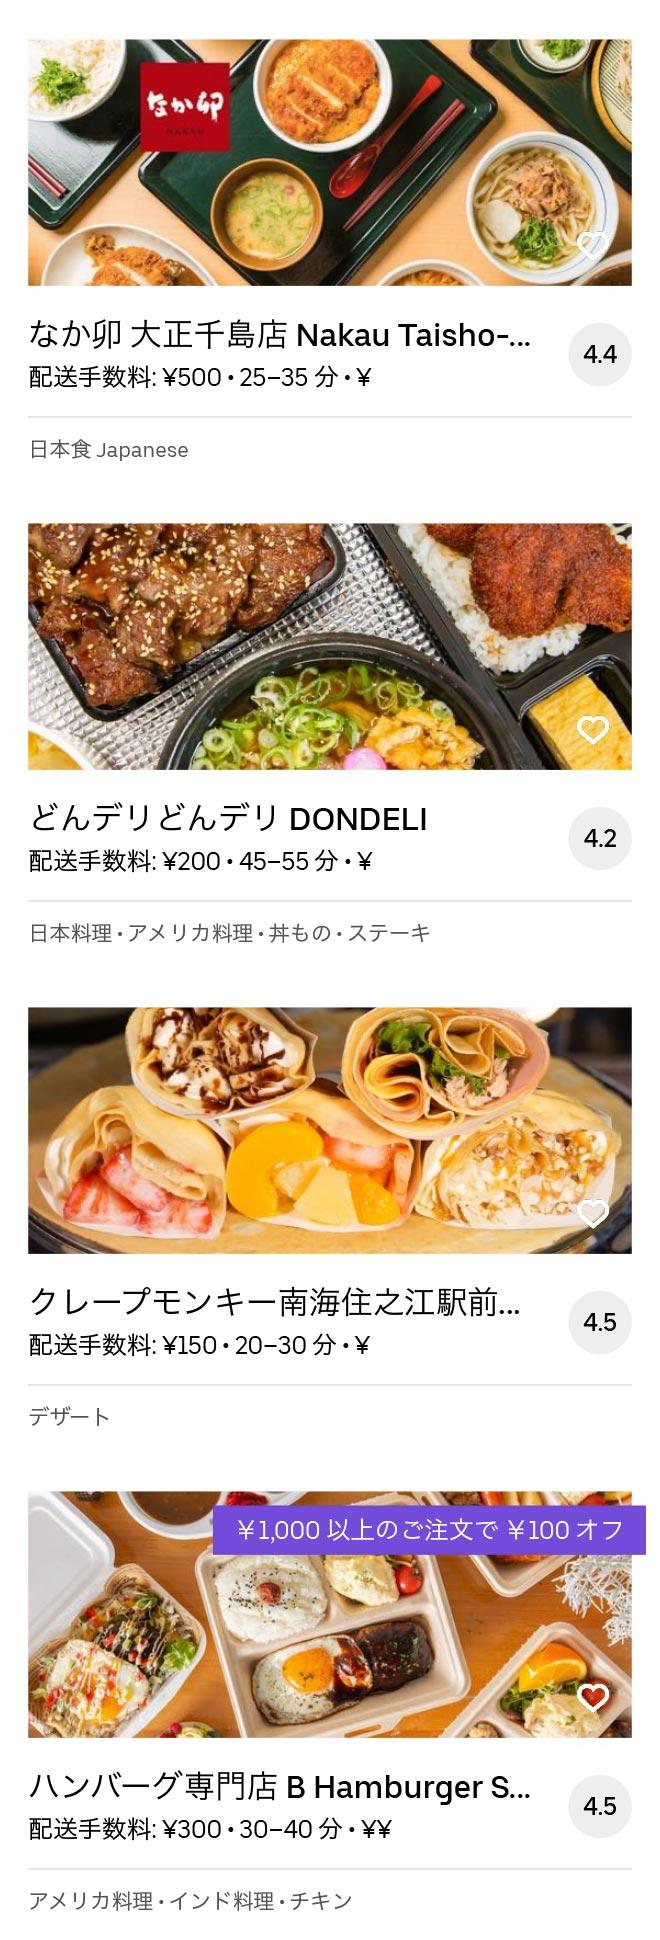 Osaka suminoe menu 2005 11